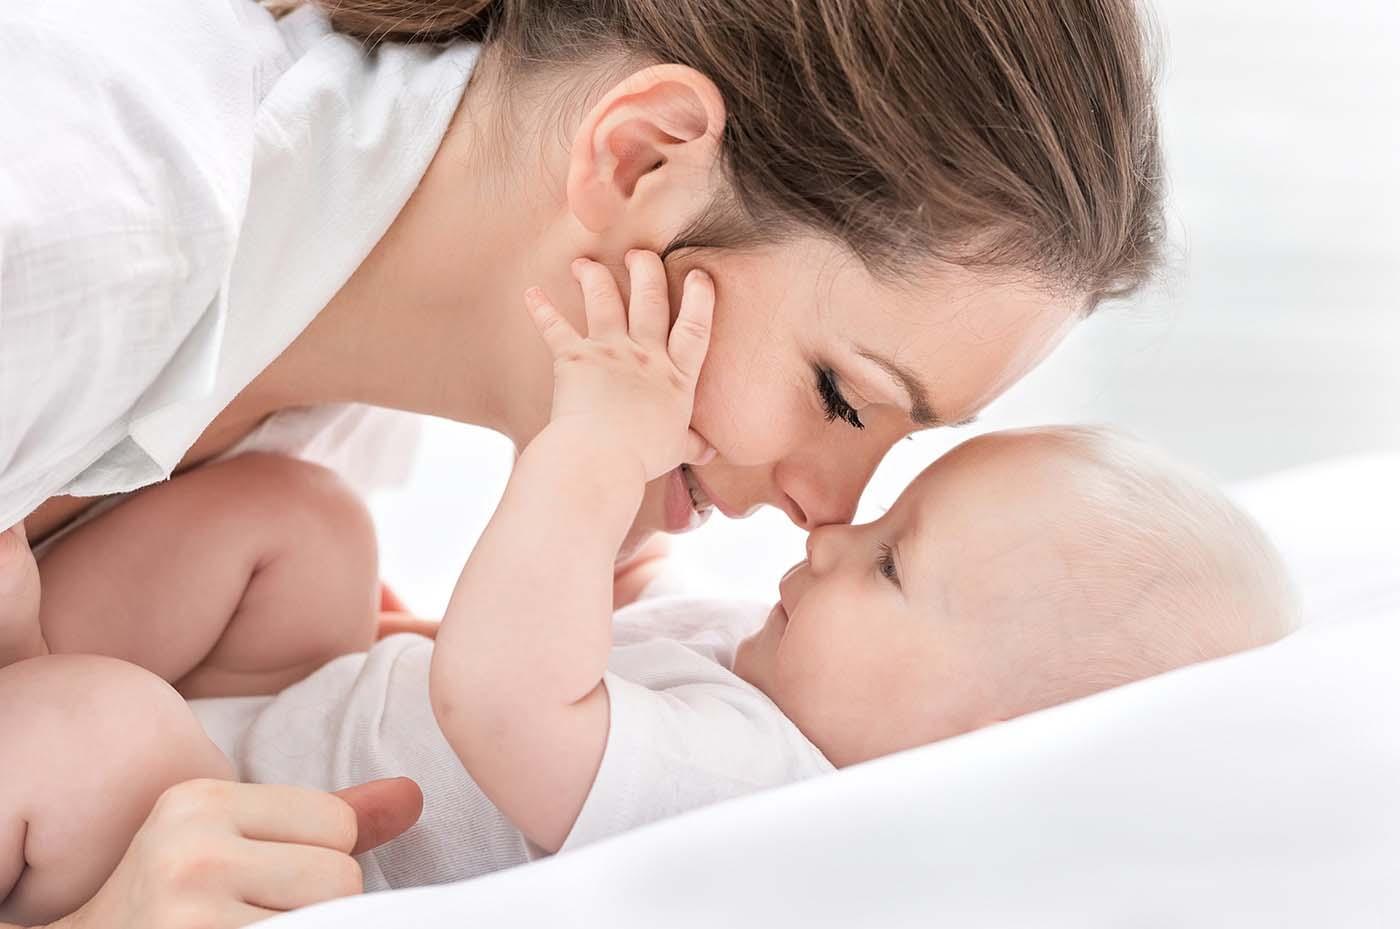 jak leczyć biegunkę u dziecka - szczęśliwa młoda mam przytula swoje niemowlę